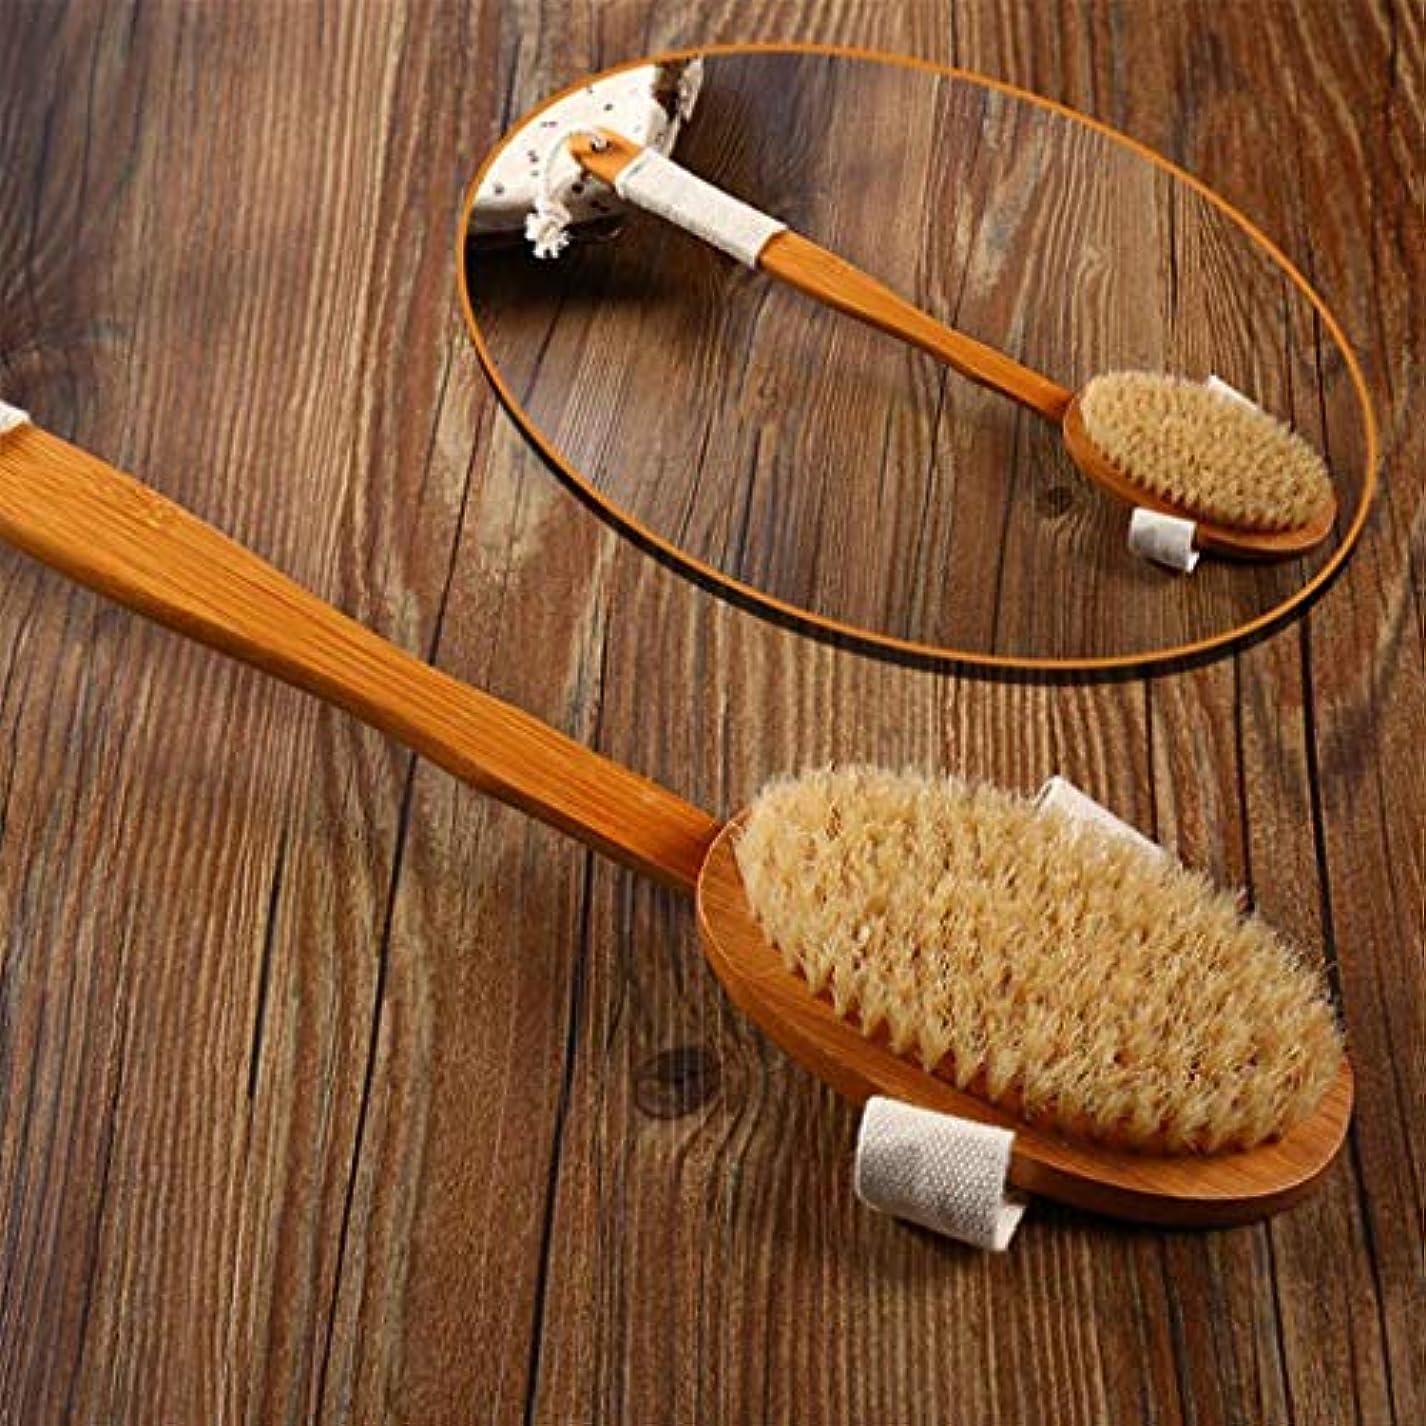 受け継ぐ米ドルかごボディブラシナチュラル剛毛バスブラシロングハンドル木製剛毛ソフトヘアラブバックシャワーブラシ角質マッサージブラシを取り外します